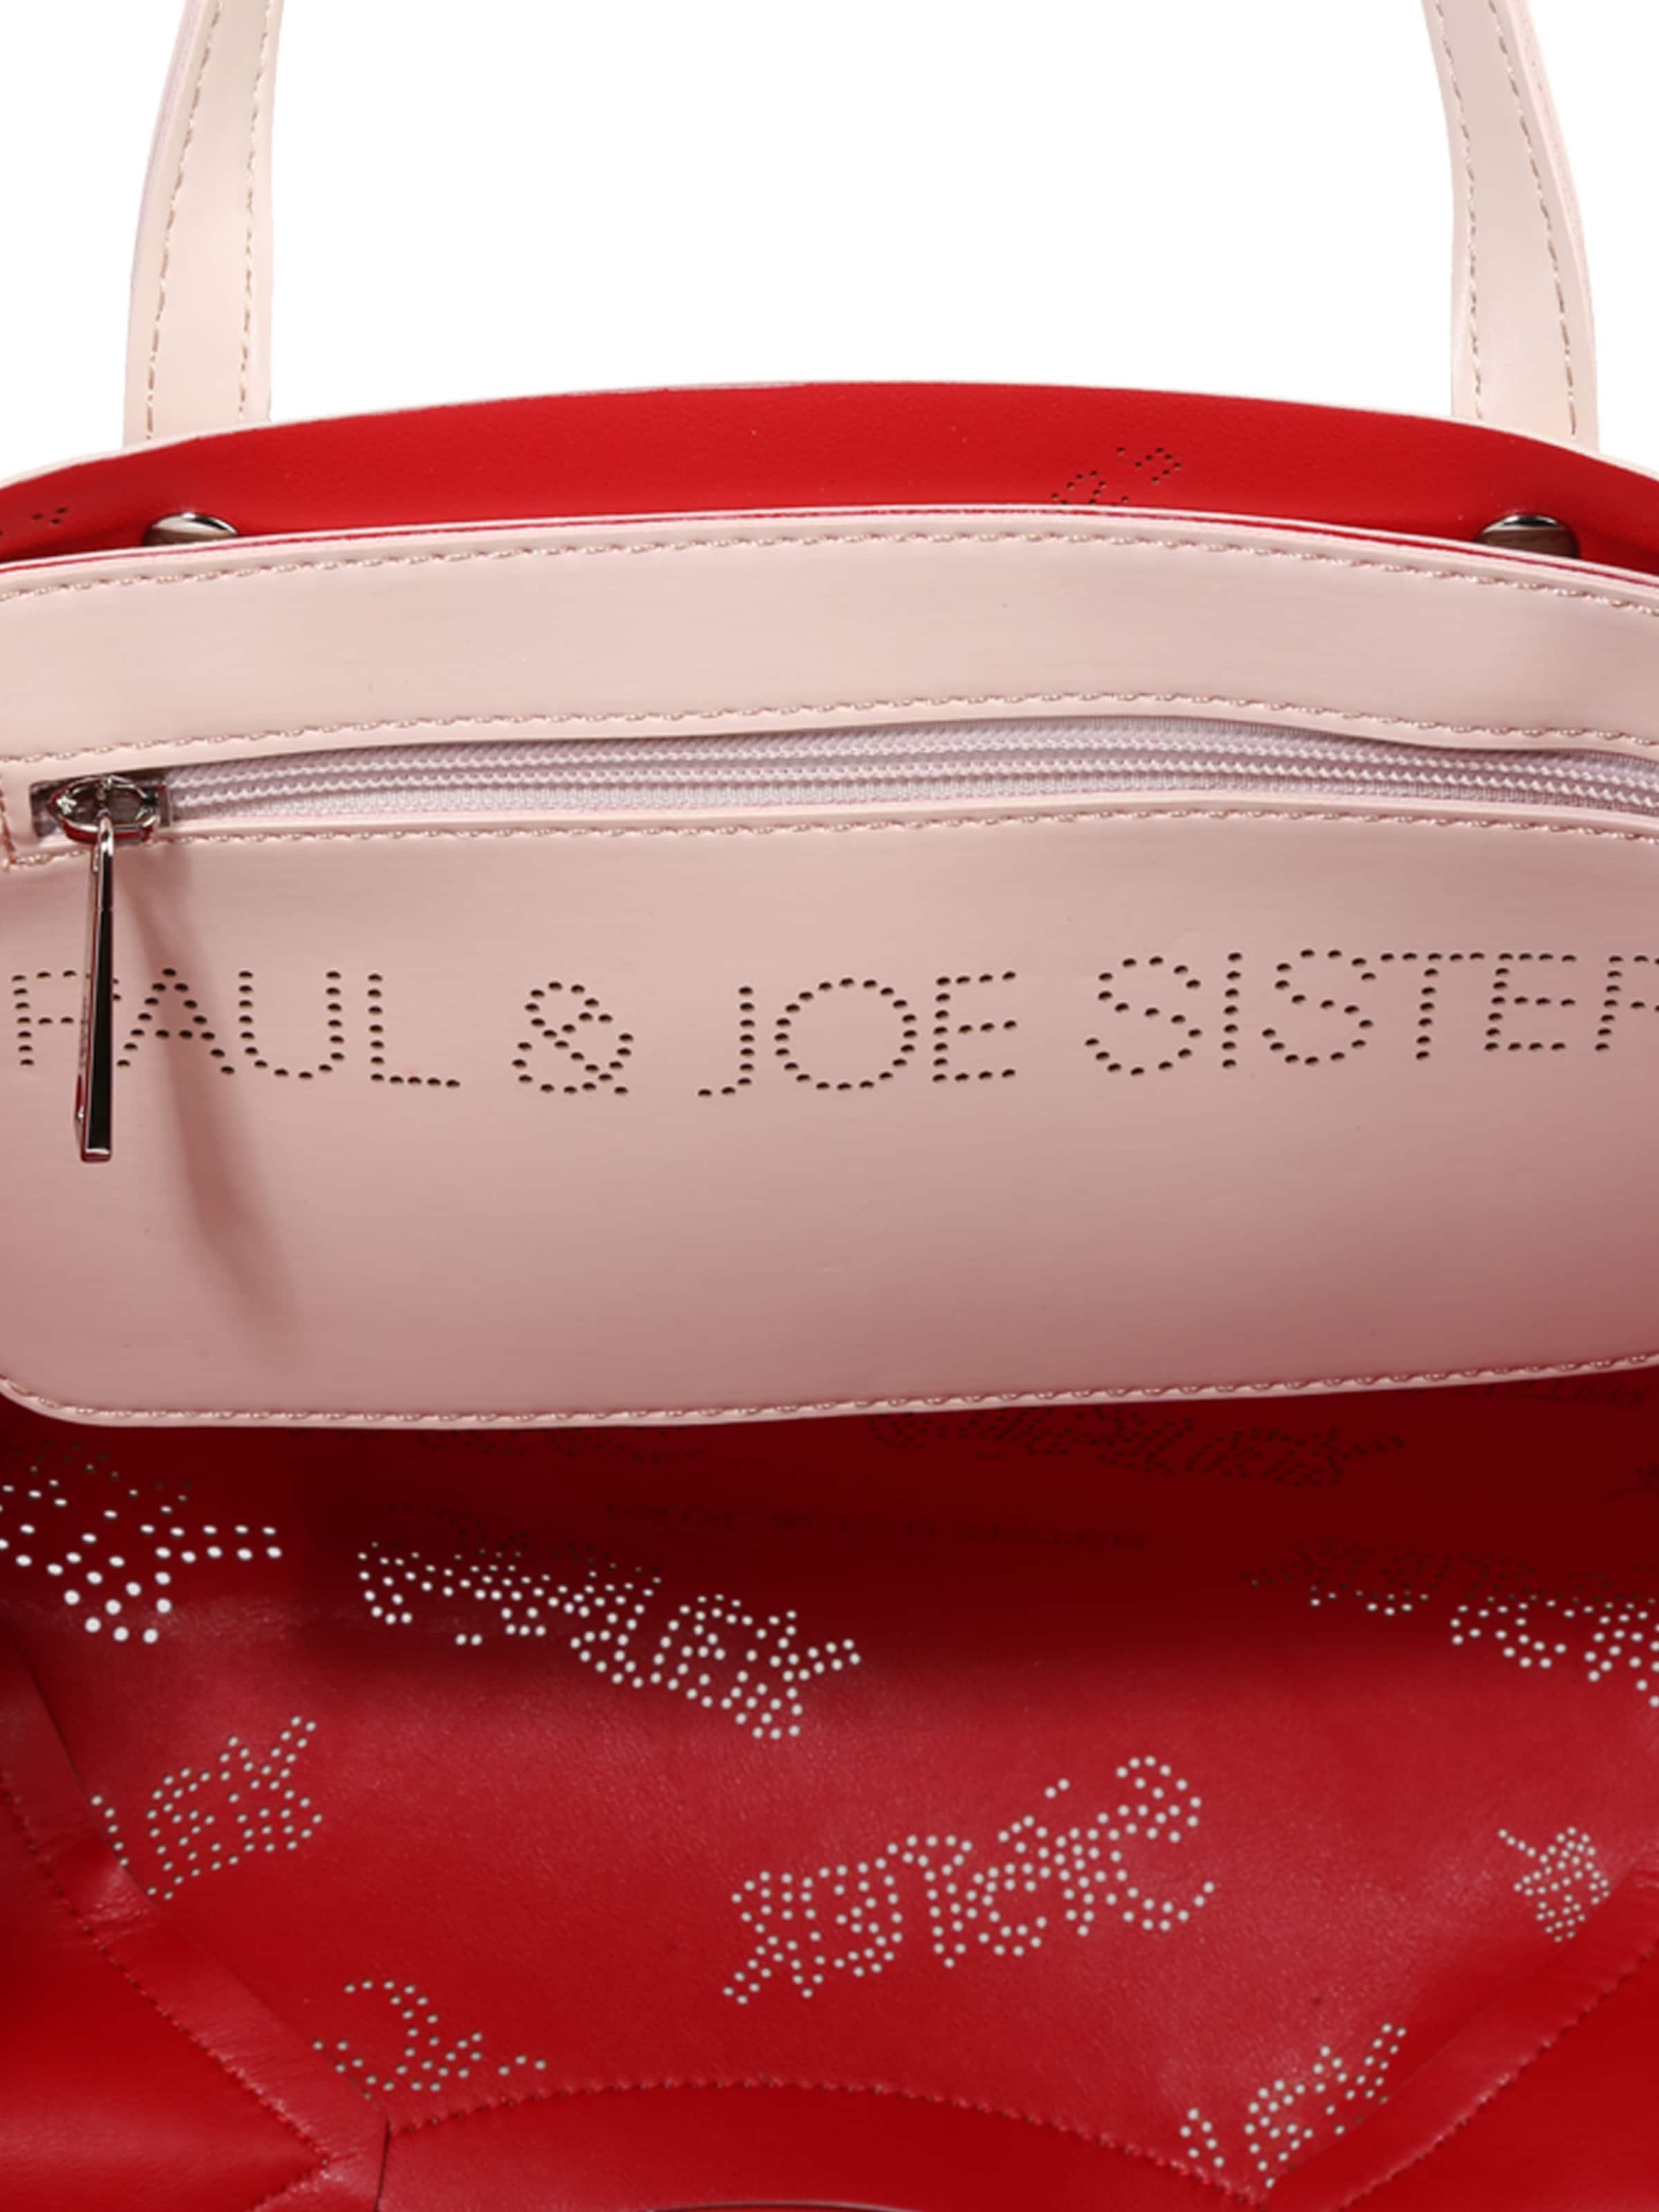 Freies Verschiffen Größte Lieferant Erscheinungsdaten Günstig Online PAUL & JOE SISTER Shopper 'JOSUA' Visa-Zahlung Günstiger Preis Freies Verschiffen Angebote Günstiger Preis 4wRgtq